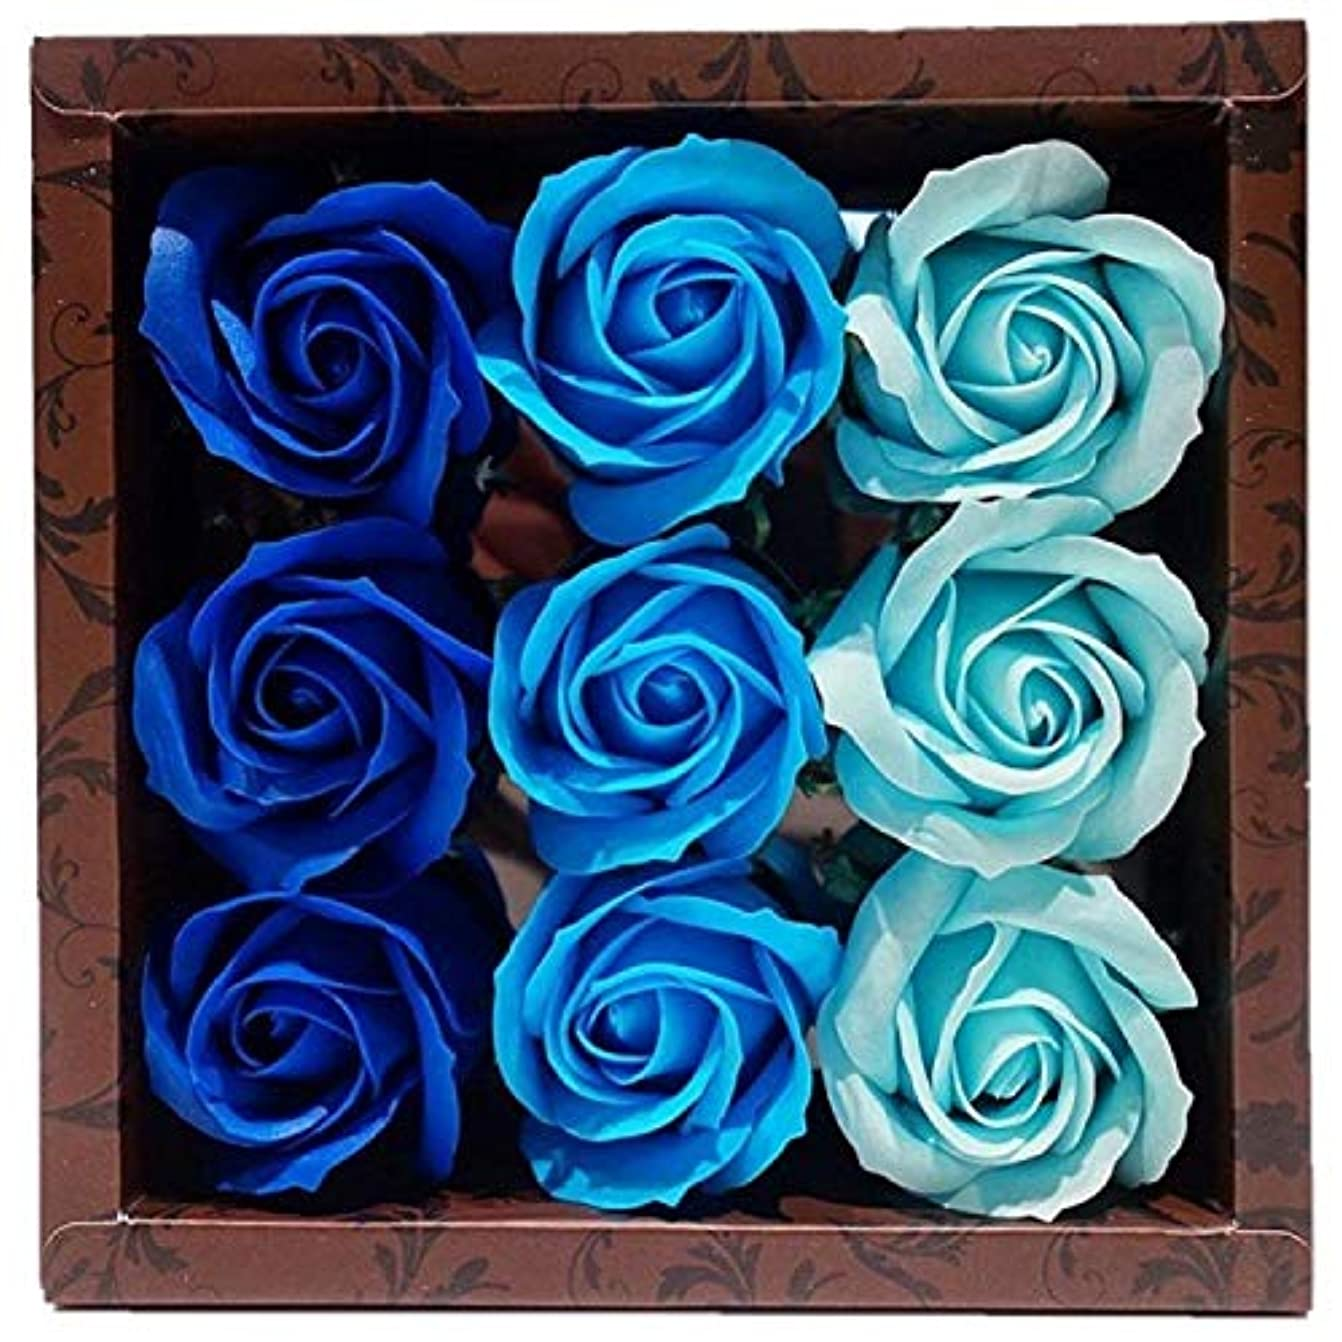 飾り羽流体否認するバスフレグランス バスフラワー ローズフレグランス ブルーカラー ギフト お花の形の入浴剤 ばら